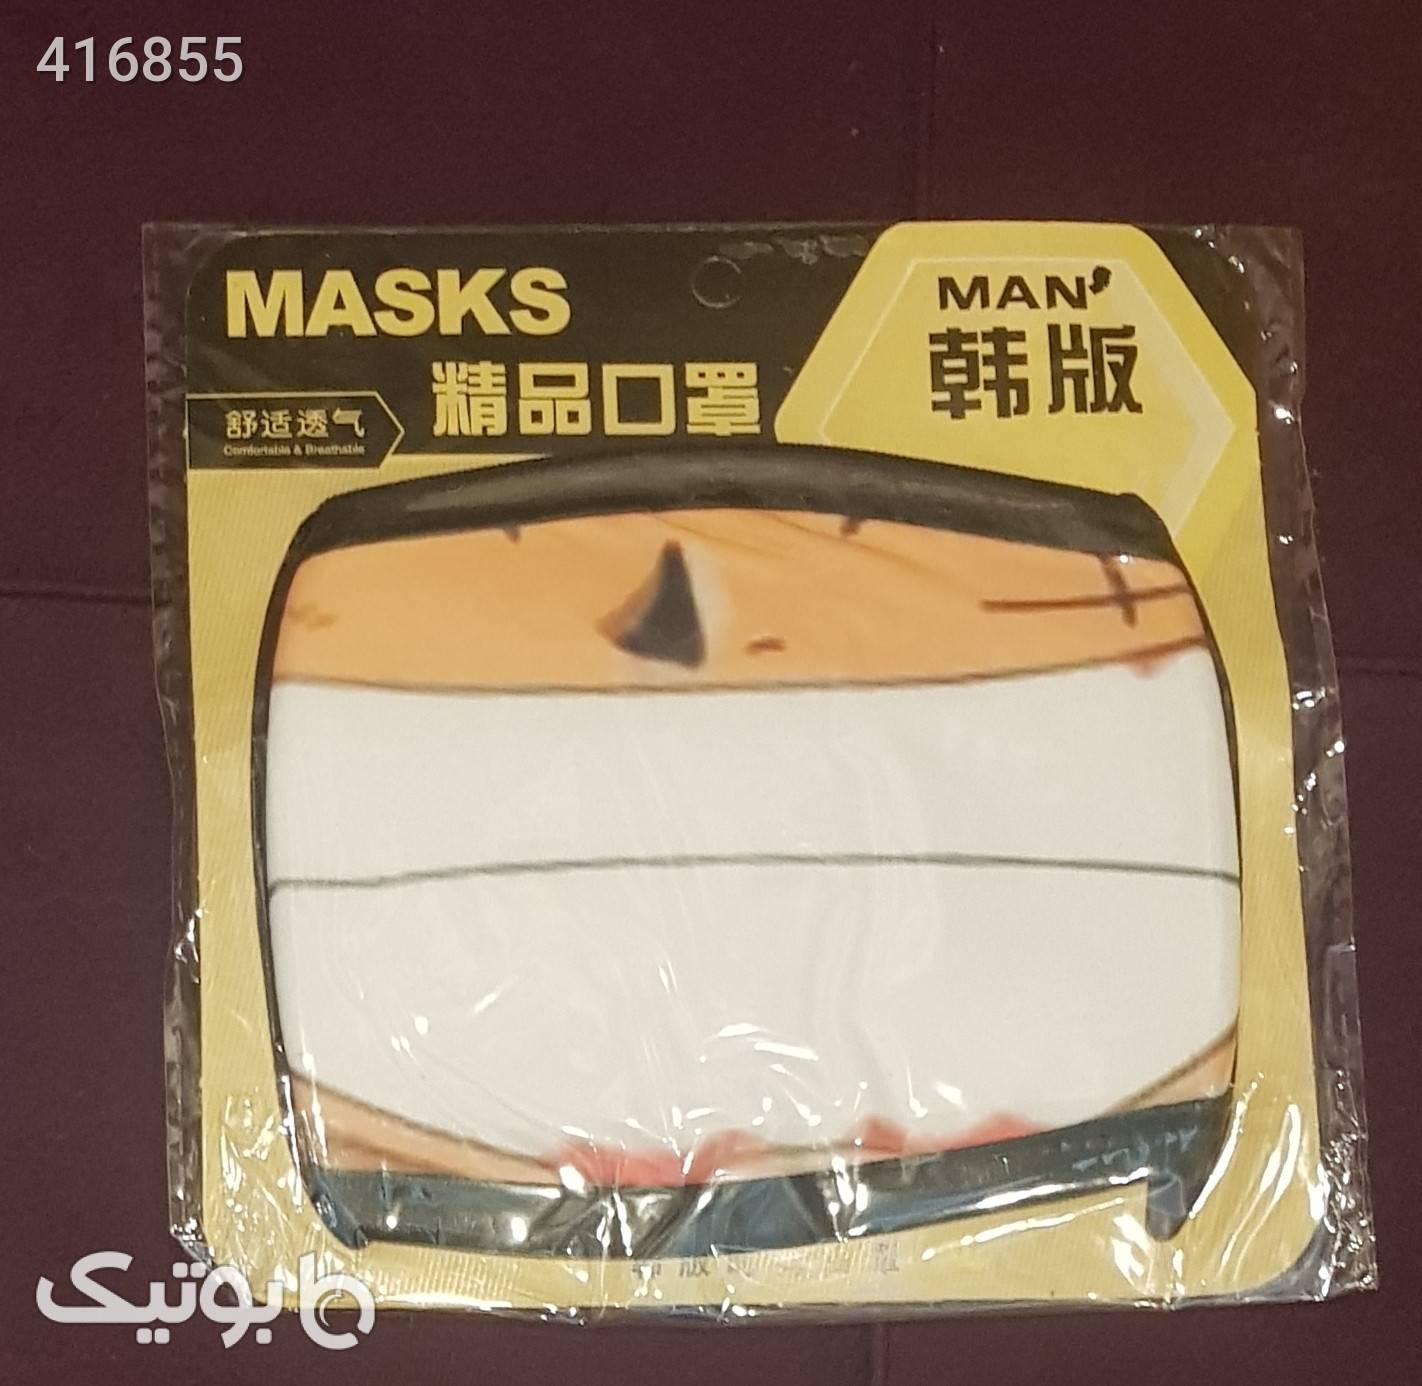 ماسک طرح دار جدید زرد بهداشت و مراقبت بدن